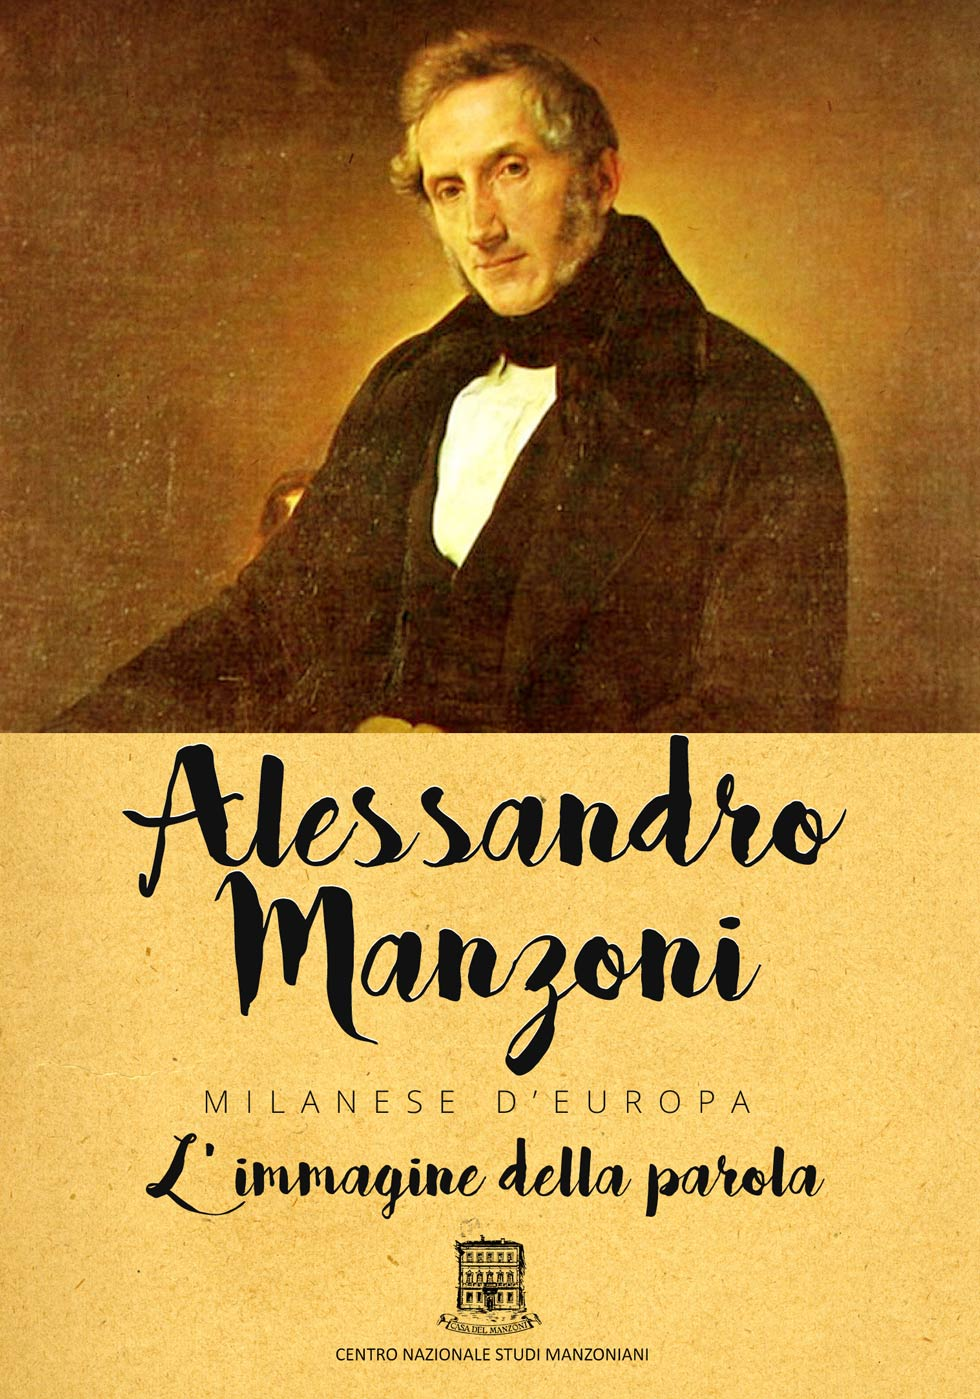 Alessandro Manzoni l'immmaginne della parola